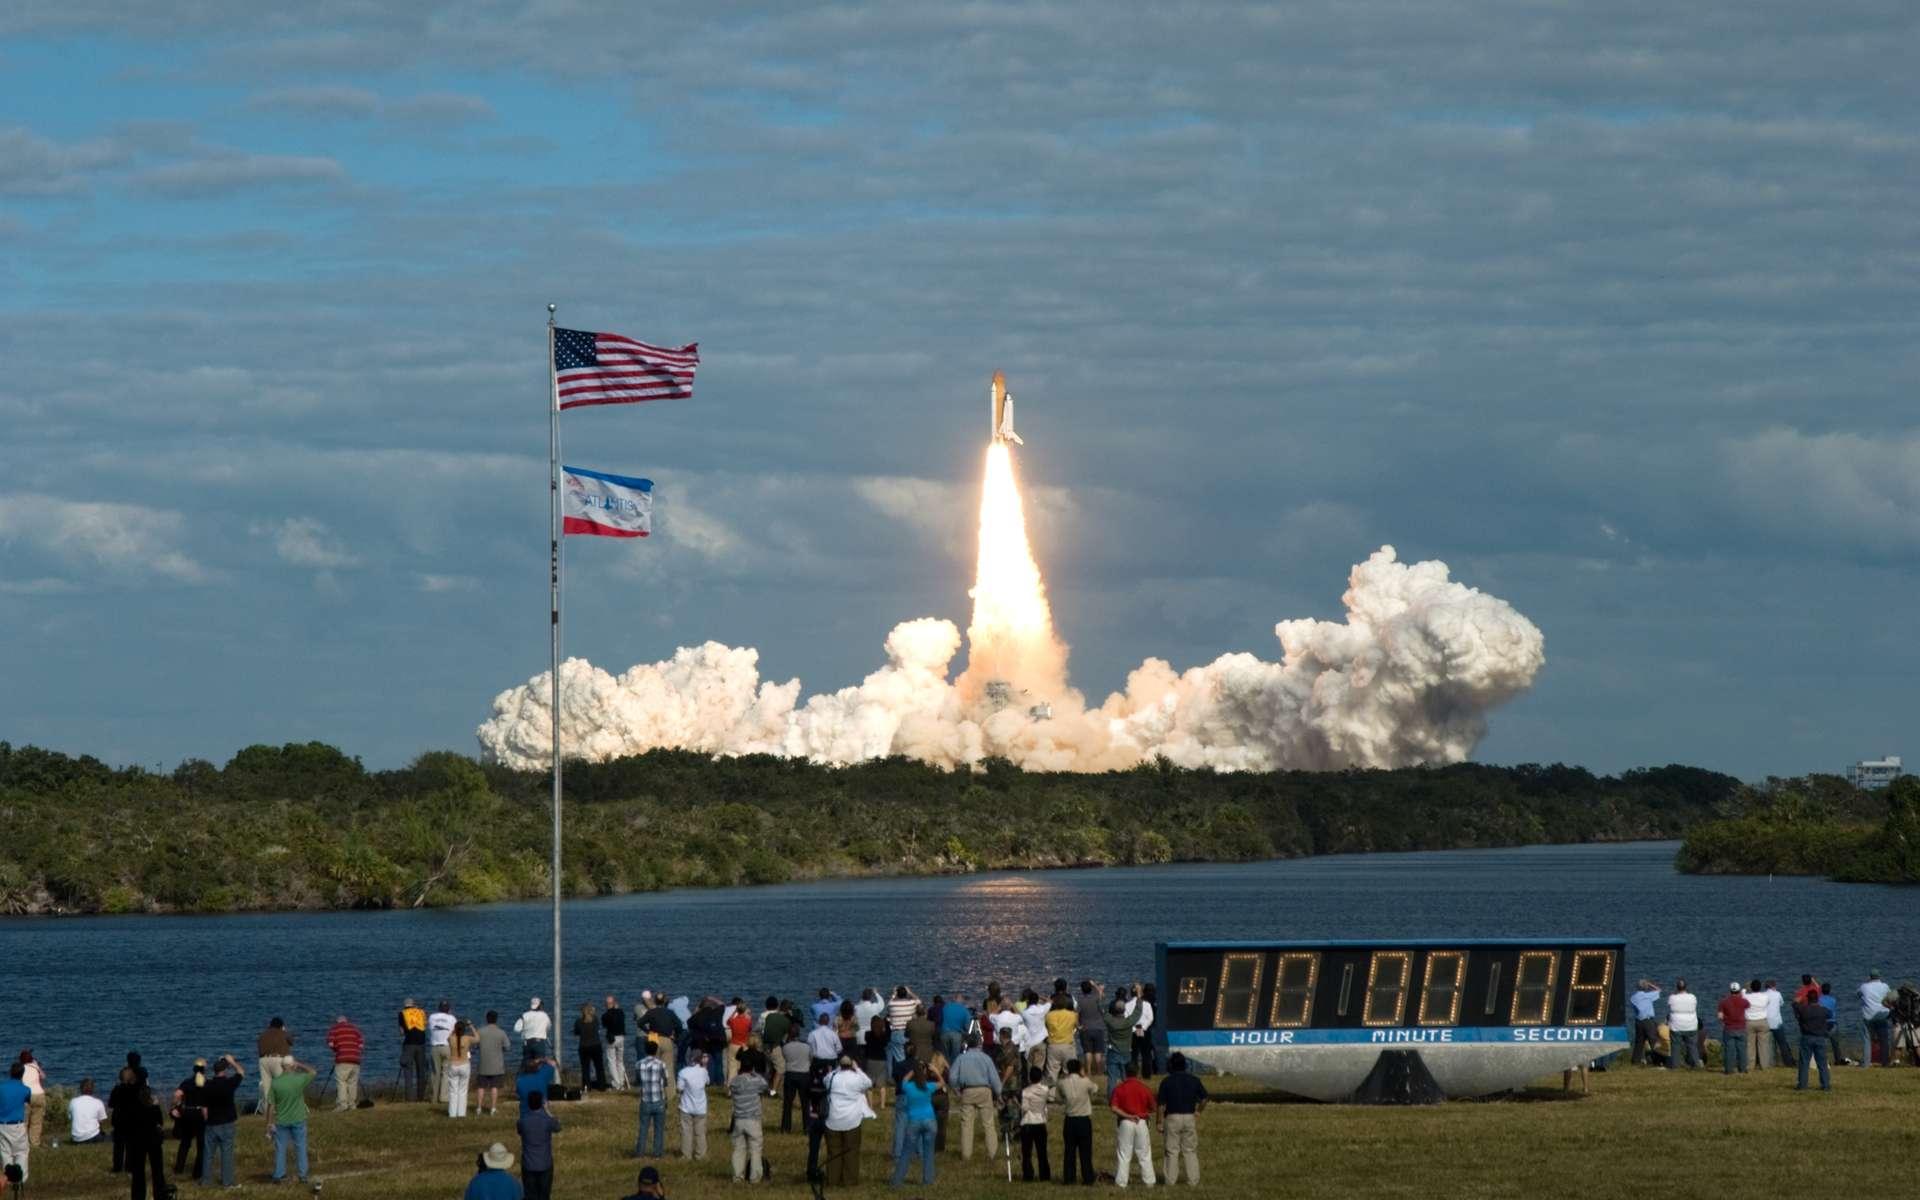 Atlantis décolle du pas de tir Pad 39A au Centre spatial Kennedy en Floride, le 16 novembre 2009 à 19 h 28 TU (temps universel), pour la mission STS-129. © Jim Grossman